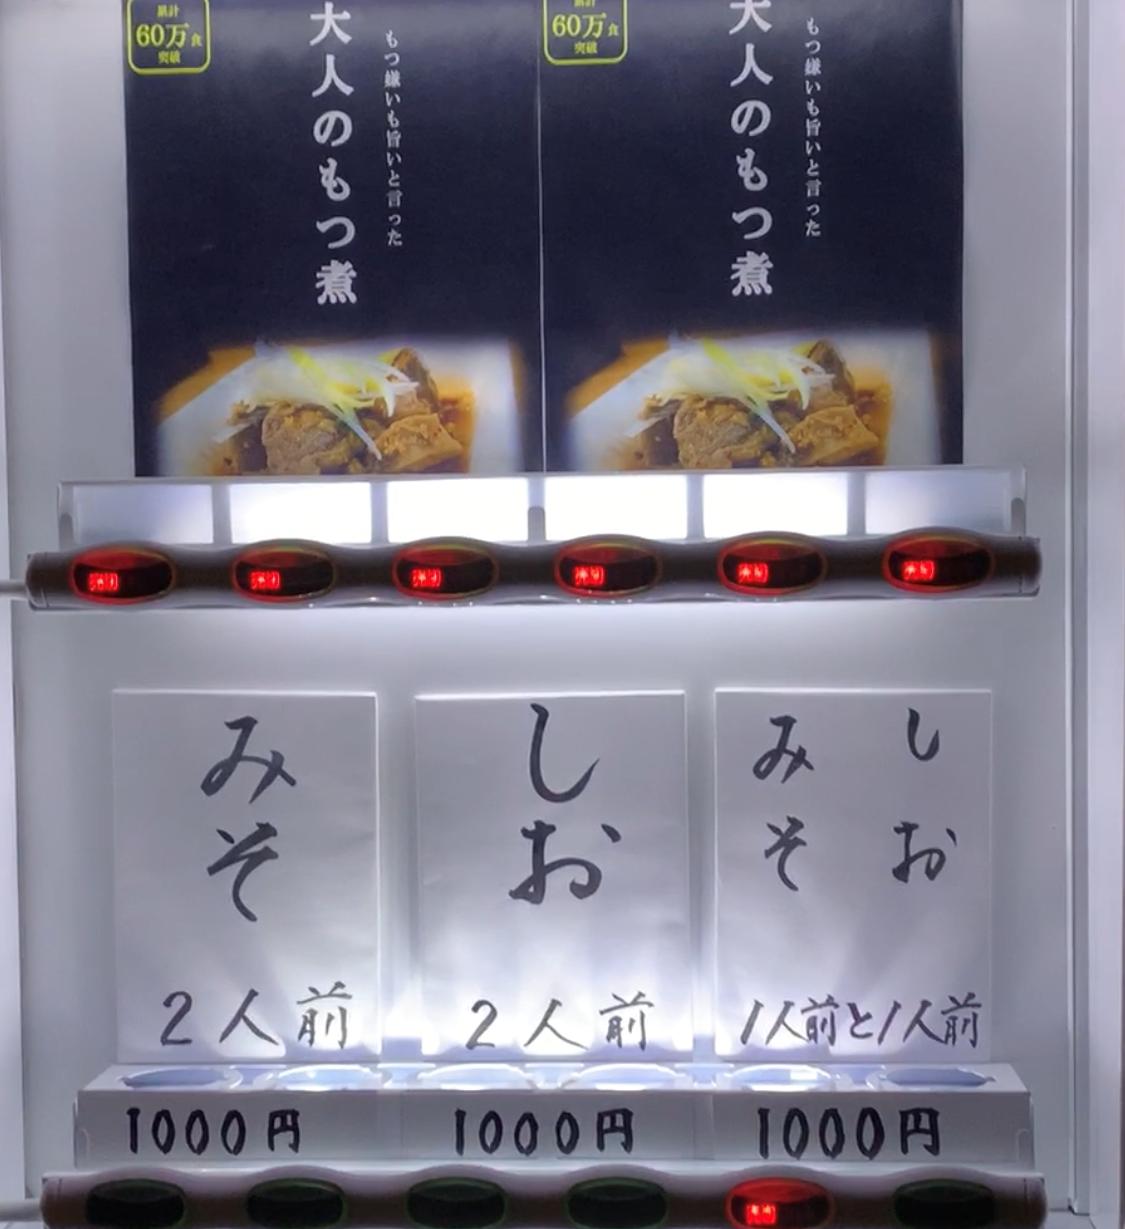 https://n-ko.jp/staffblog/2020/11/01/20201101_065831000_iOS%20%282%29.png